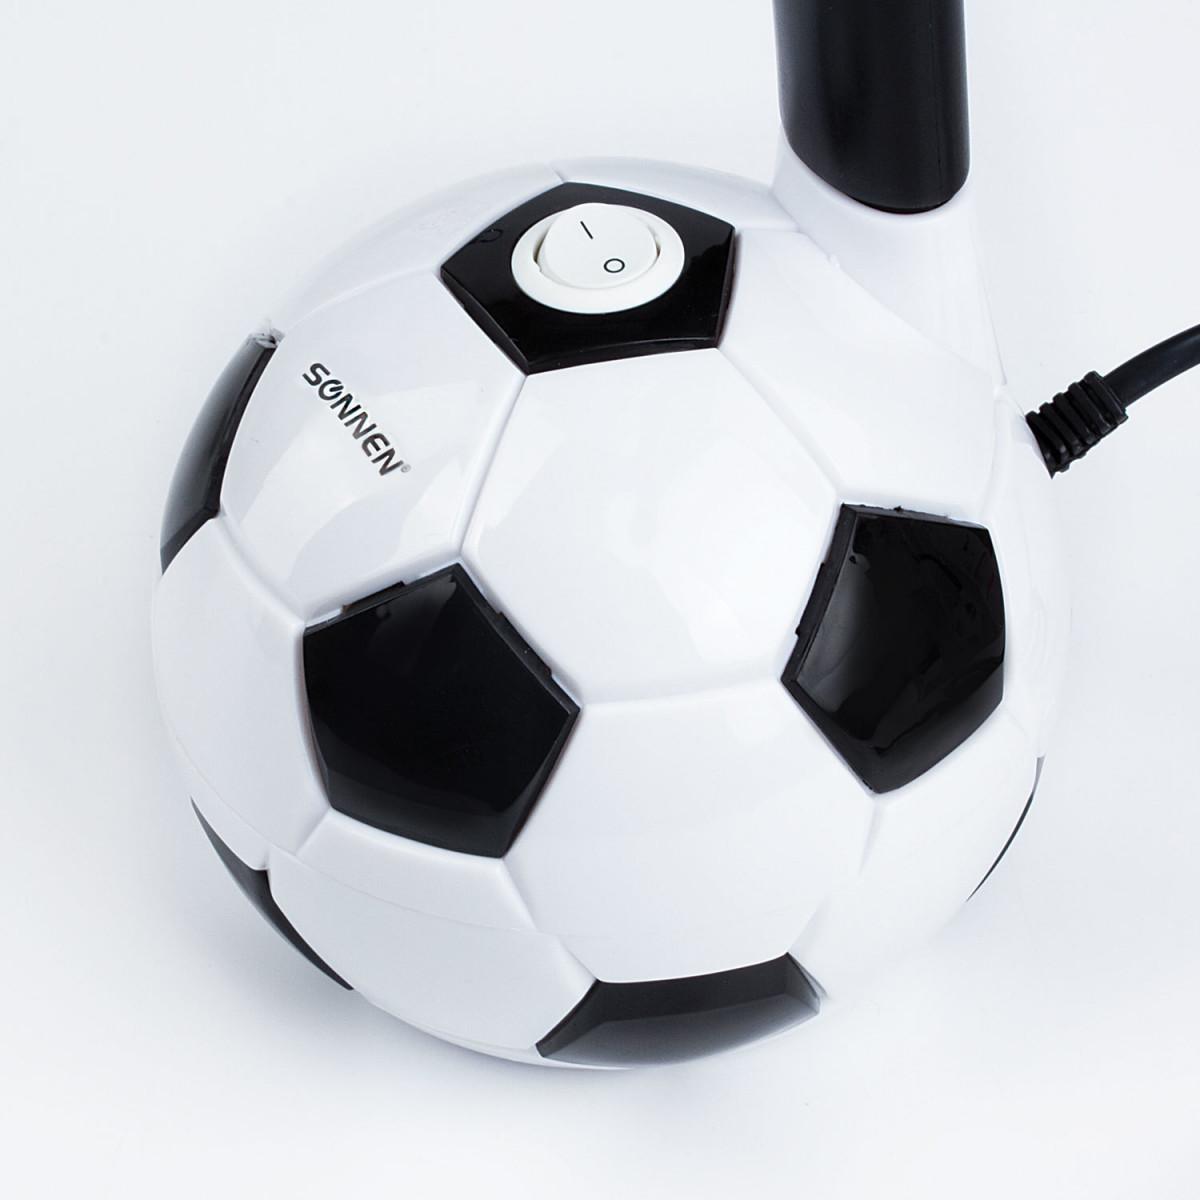 """Светильник настольный SONNEN OU-503, на подставке, цоколь Е27, """"Мяч"""", белый, 236675 (арт. 236675)"""